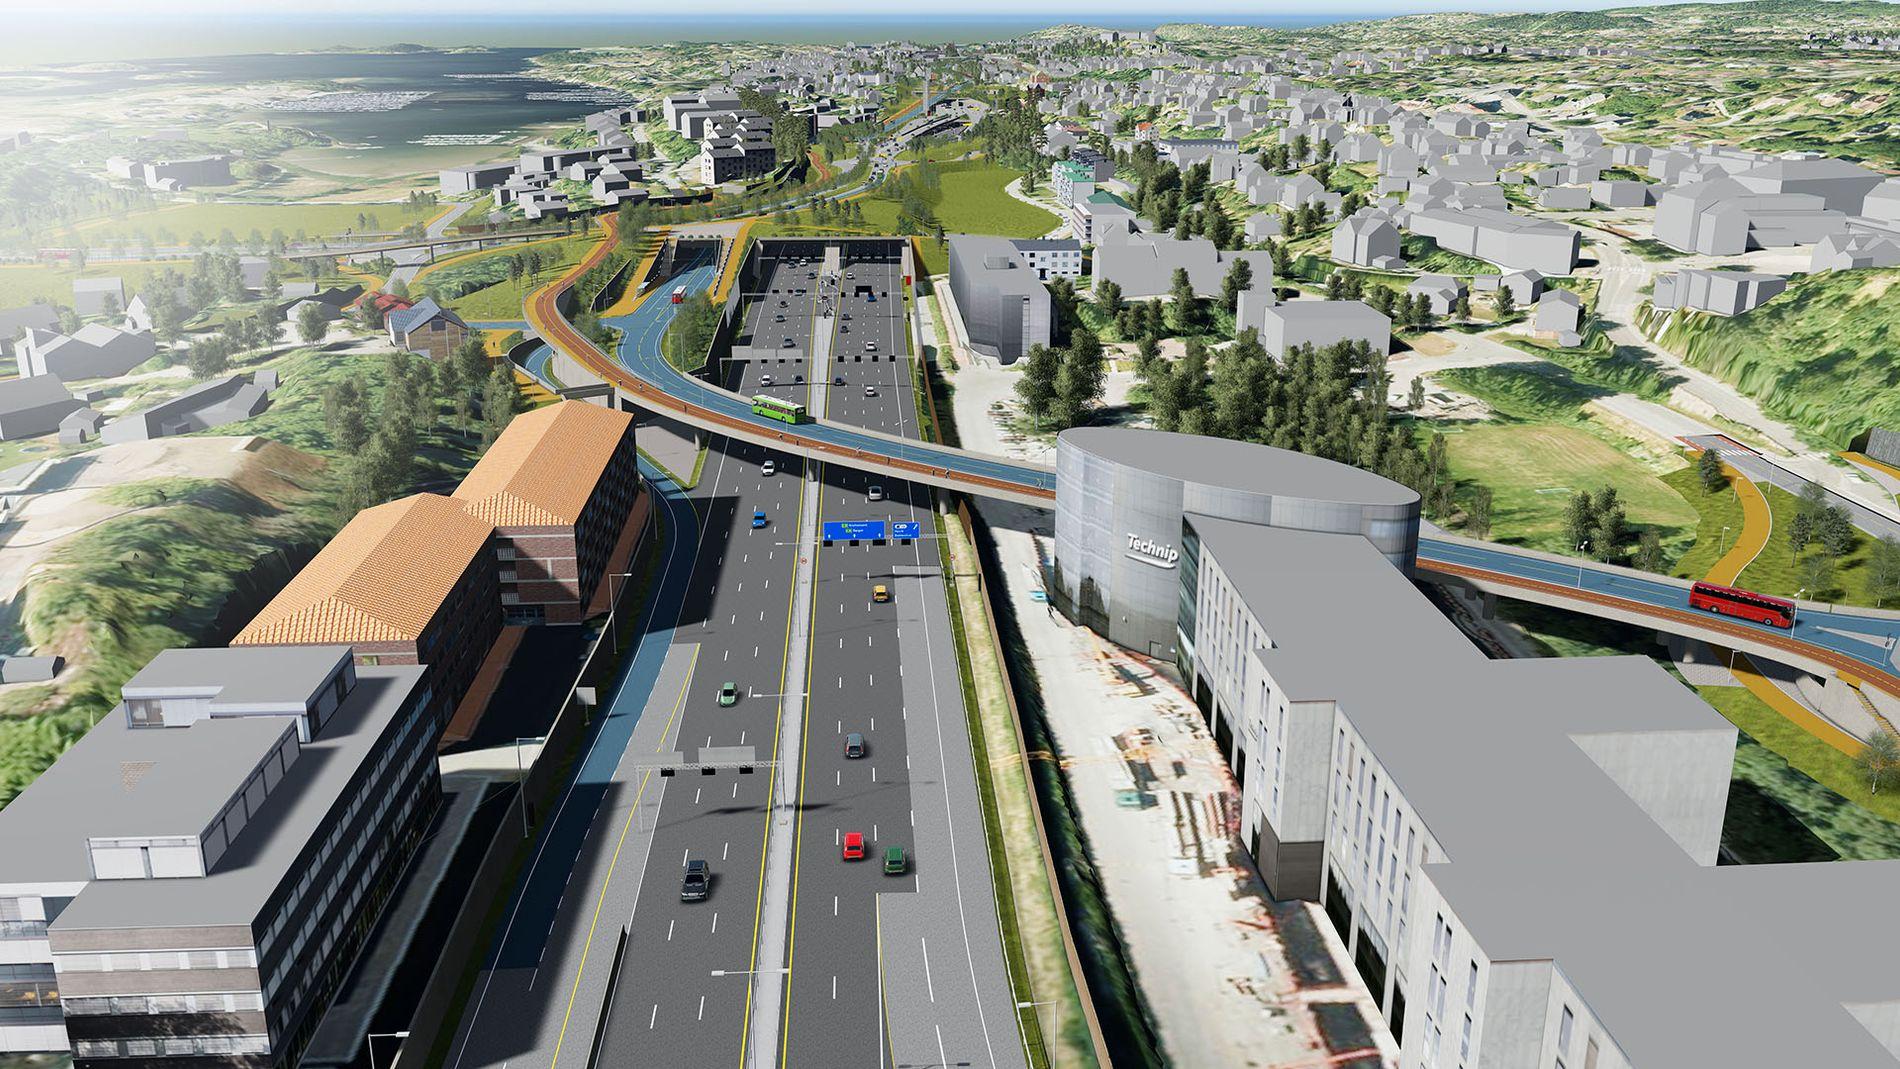 VESTKORRIDOREN: Slik er den nye E18 planlagt ved Lysaker. Tunnelen er Stabekklokket.